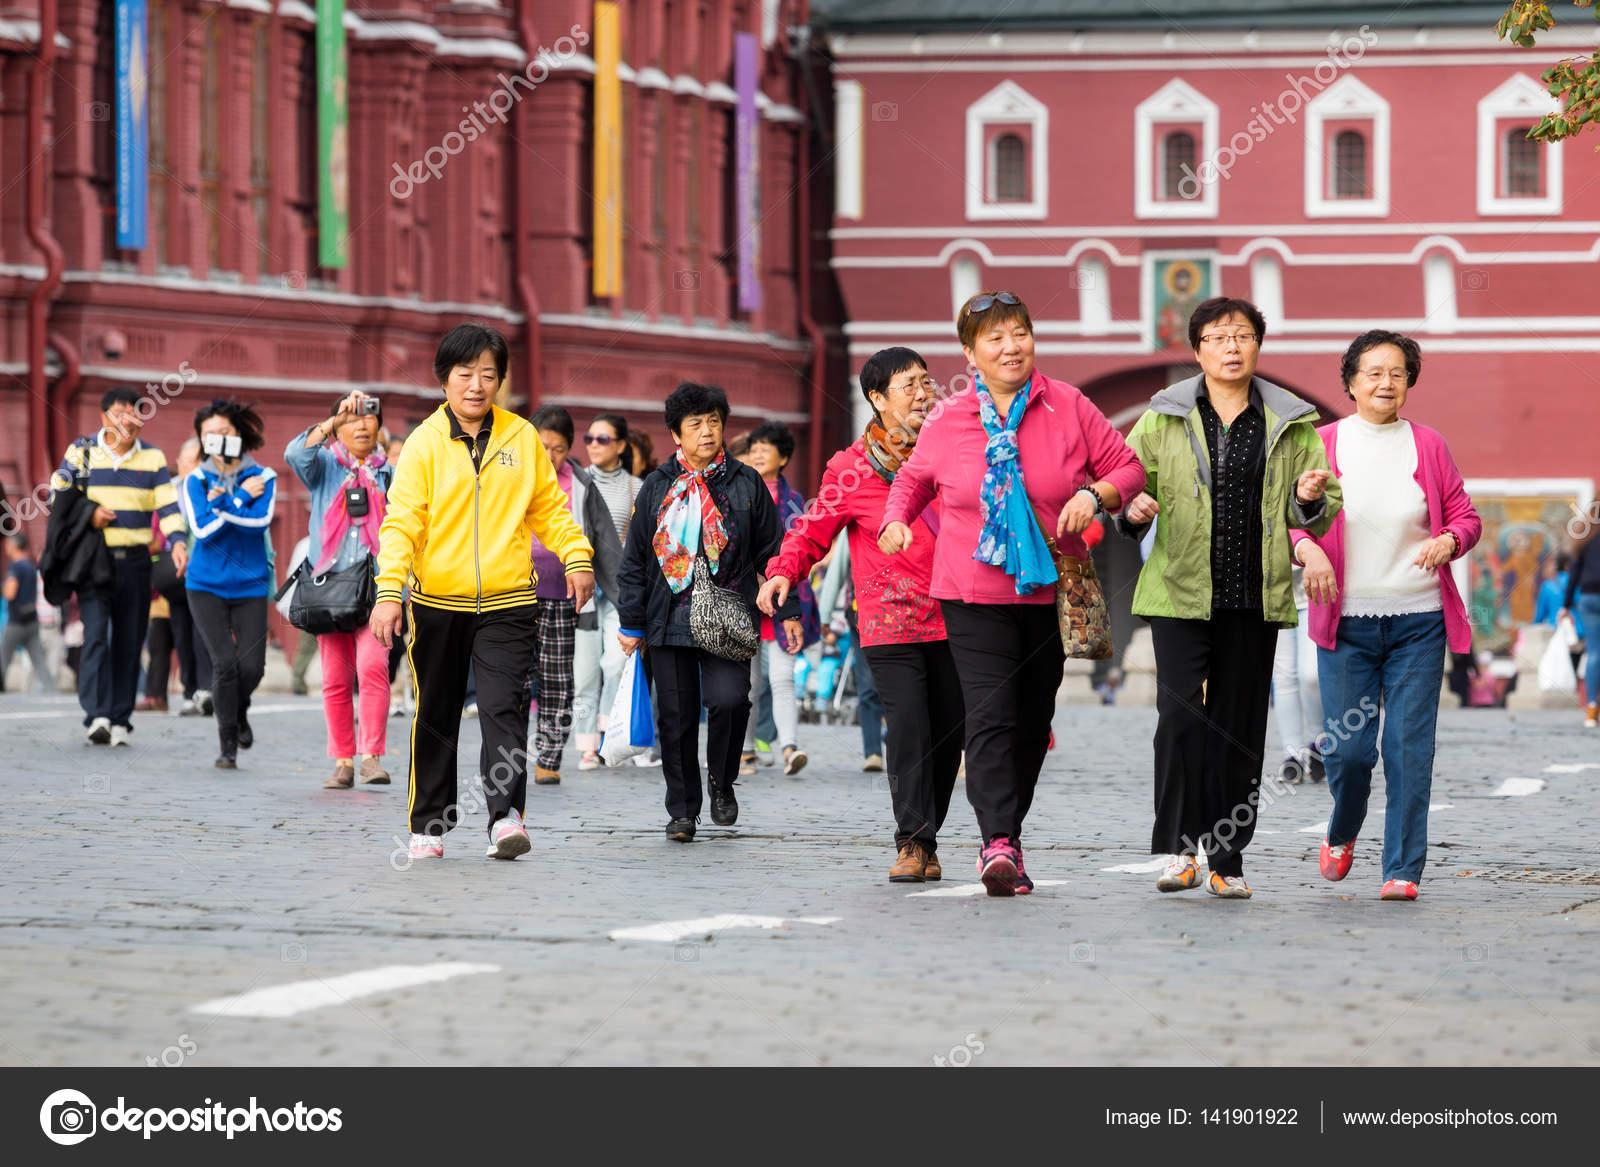 скором наши туристы в китае фото поверхностей